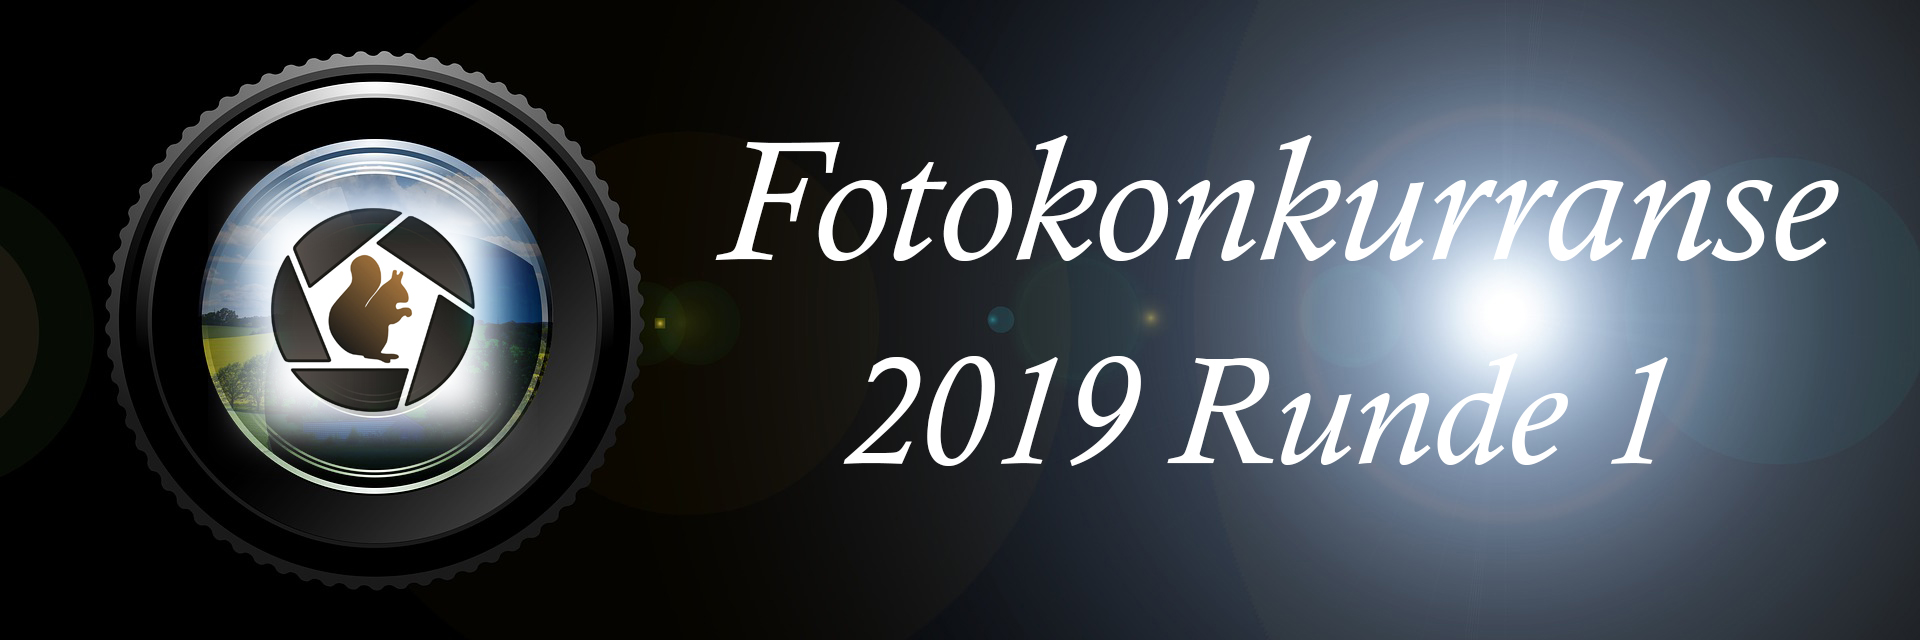 BioFoto-Fotokonkurranse